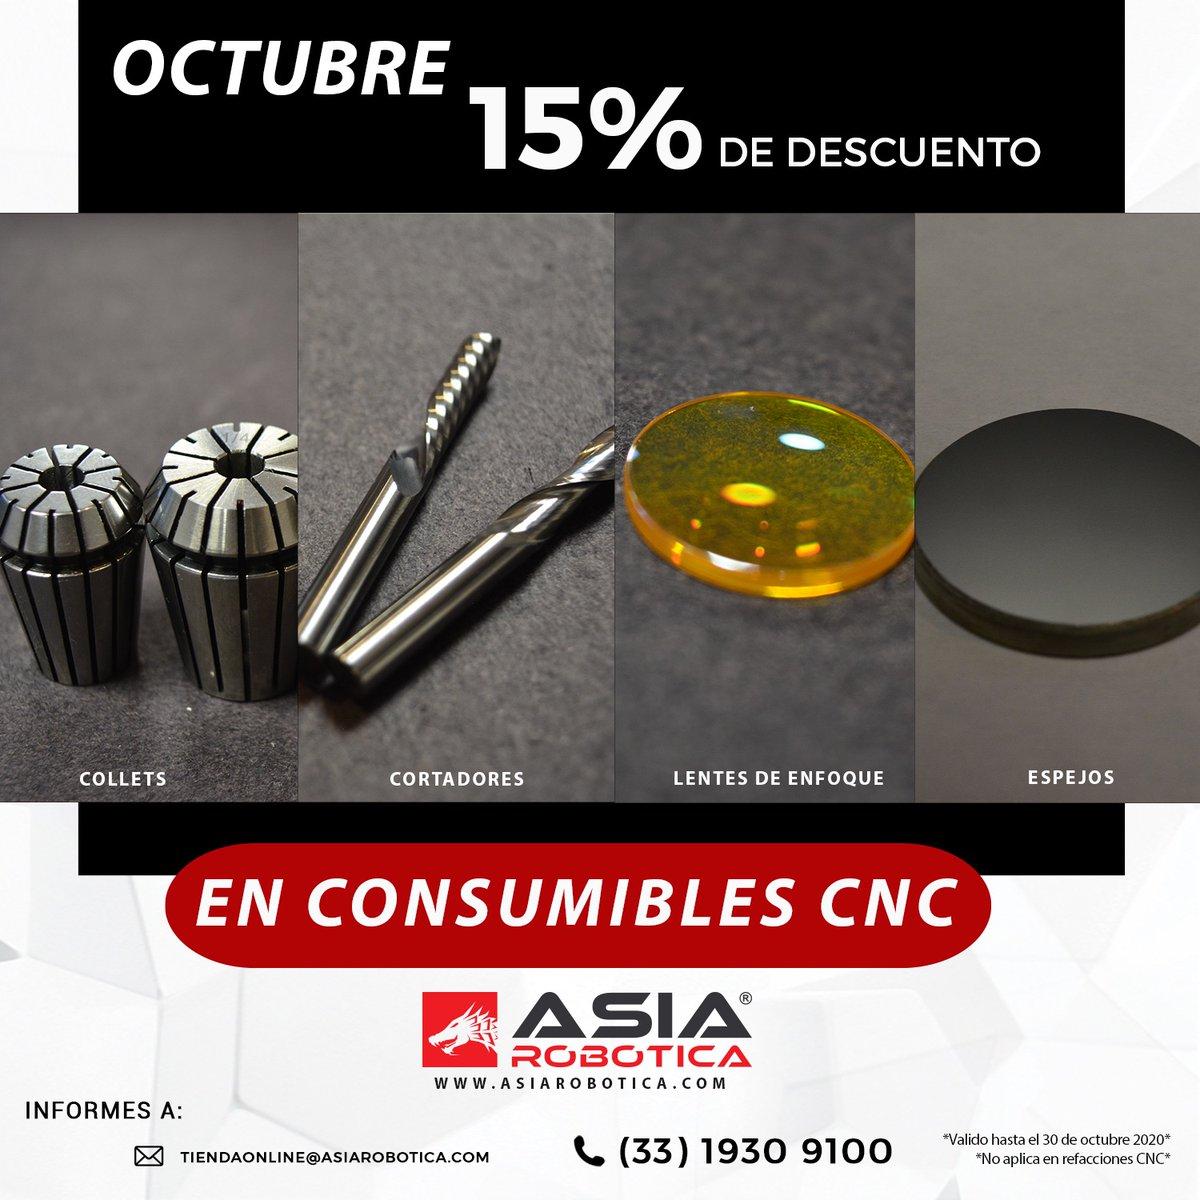 Mes de Octubre 15% de descuento en consumibles CNC 🌐 https://t.co/nyeuG9TwKL  #routercnc #laserco2 #cnc https://t.co/T4KRVnCcWw